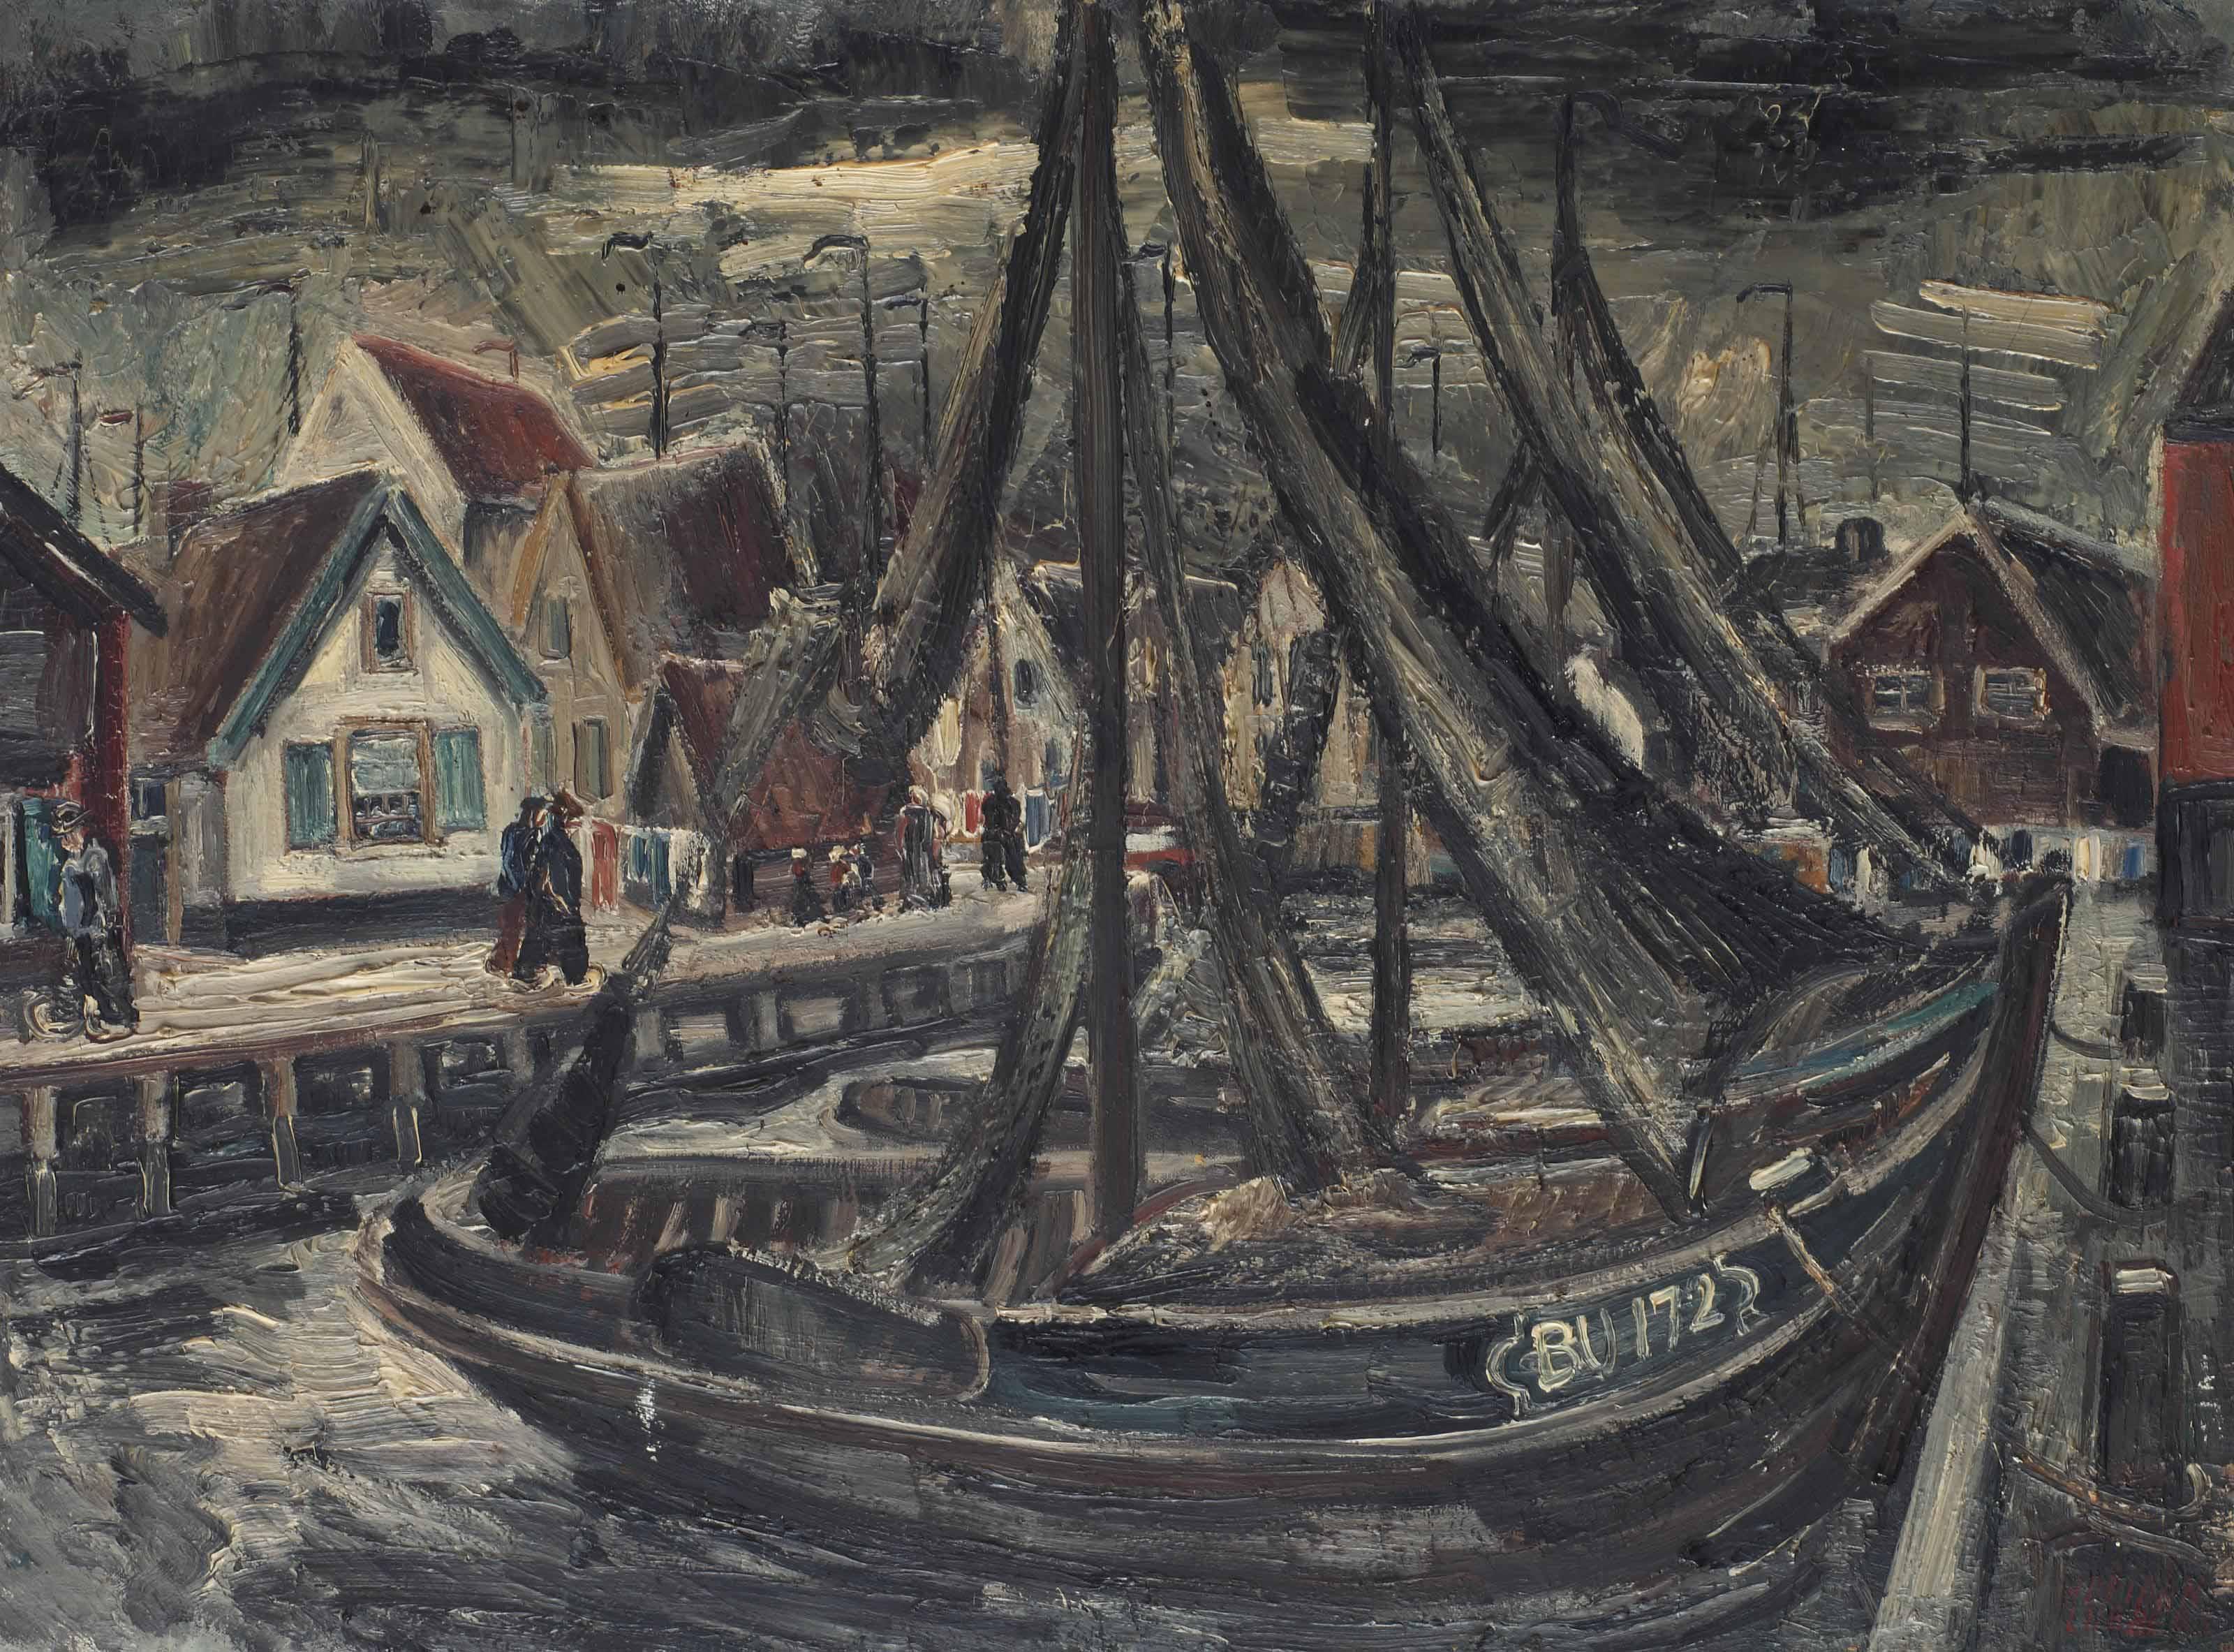 The harbour of Bunschoten